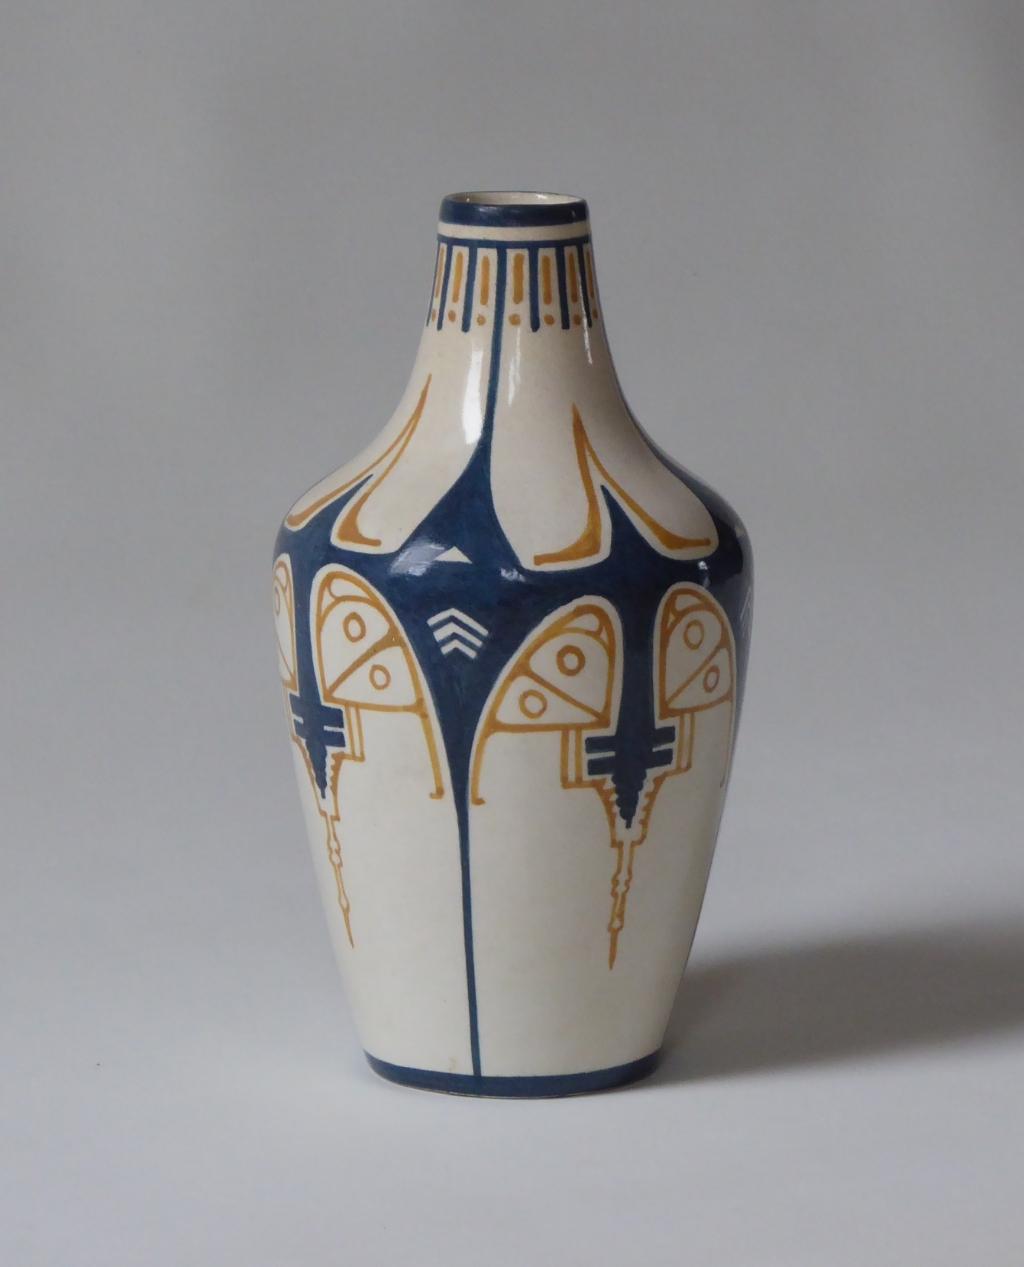 Cornelis de Bruin (1870-1940), Vaas Dordtsche Kunstpotterij (D.K.P.), 1903 – 1906. Geglazuurd aardewerk, 20,1 x 11,2 cm. Particuliere collectie. Cornelis de Bruin © BDU media